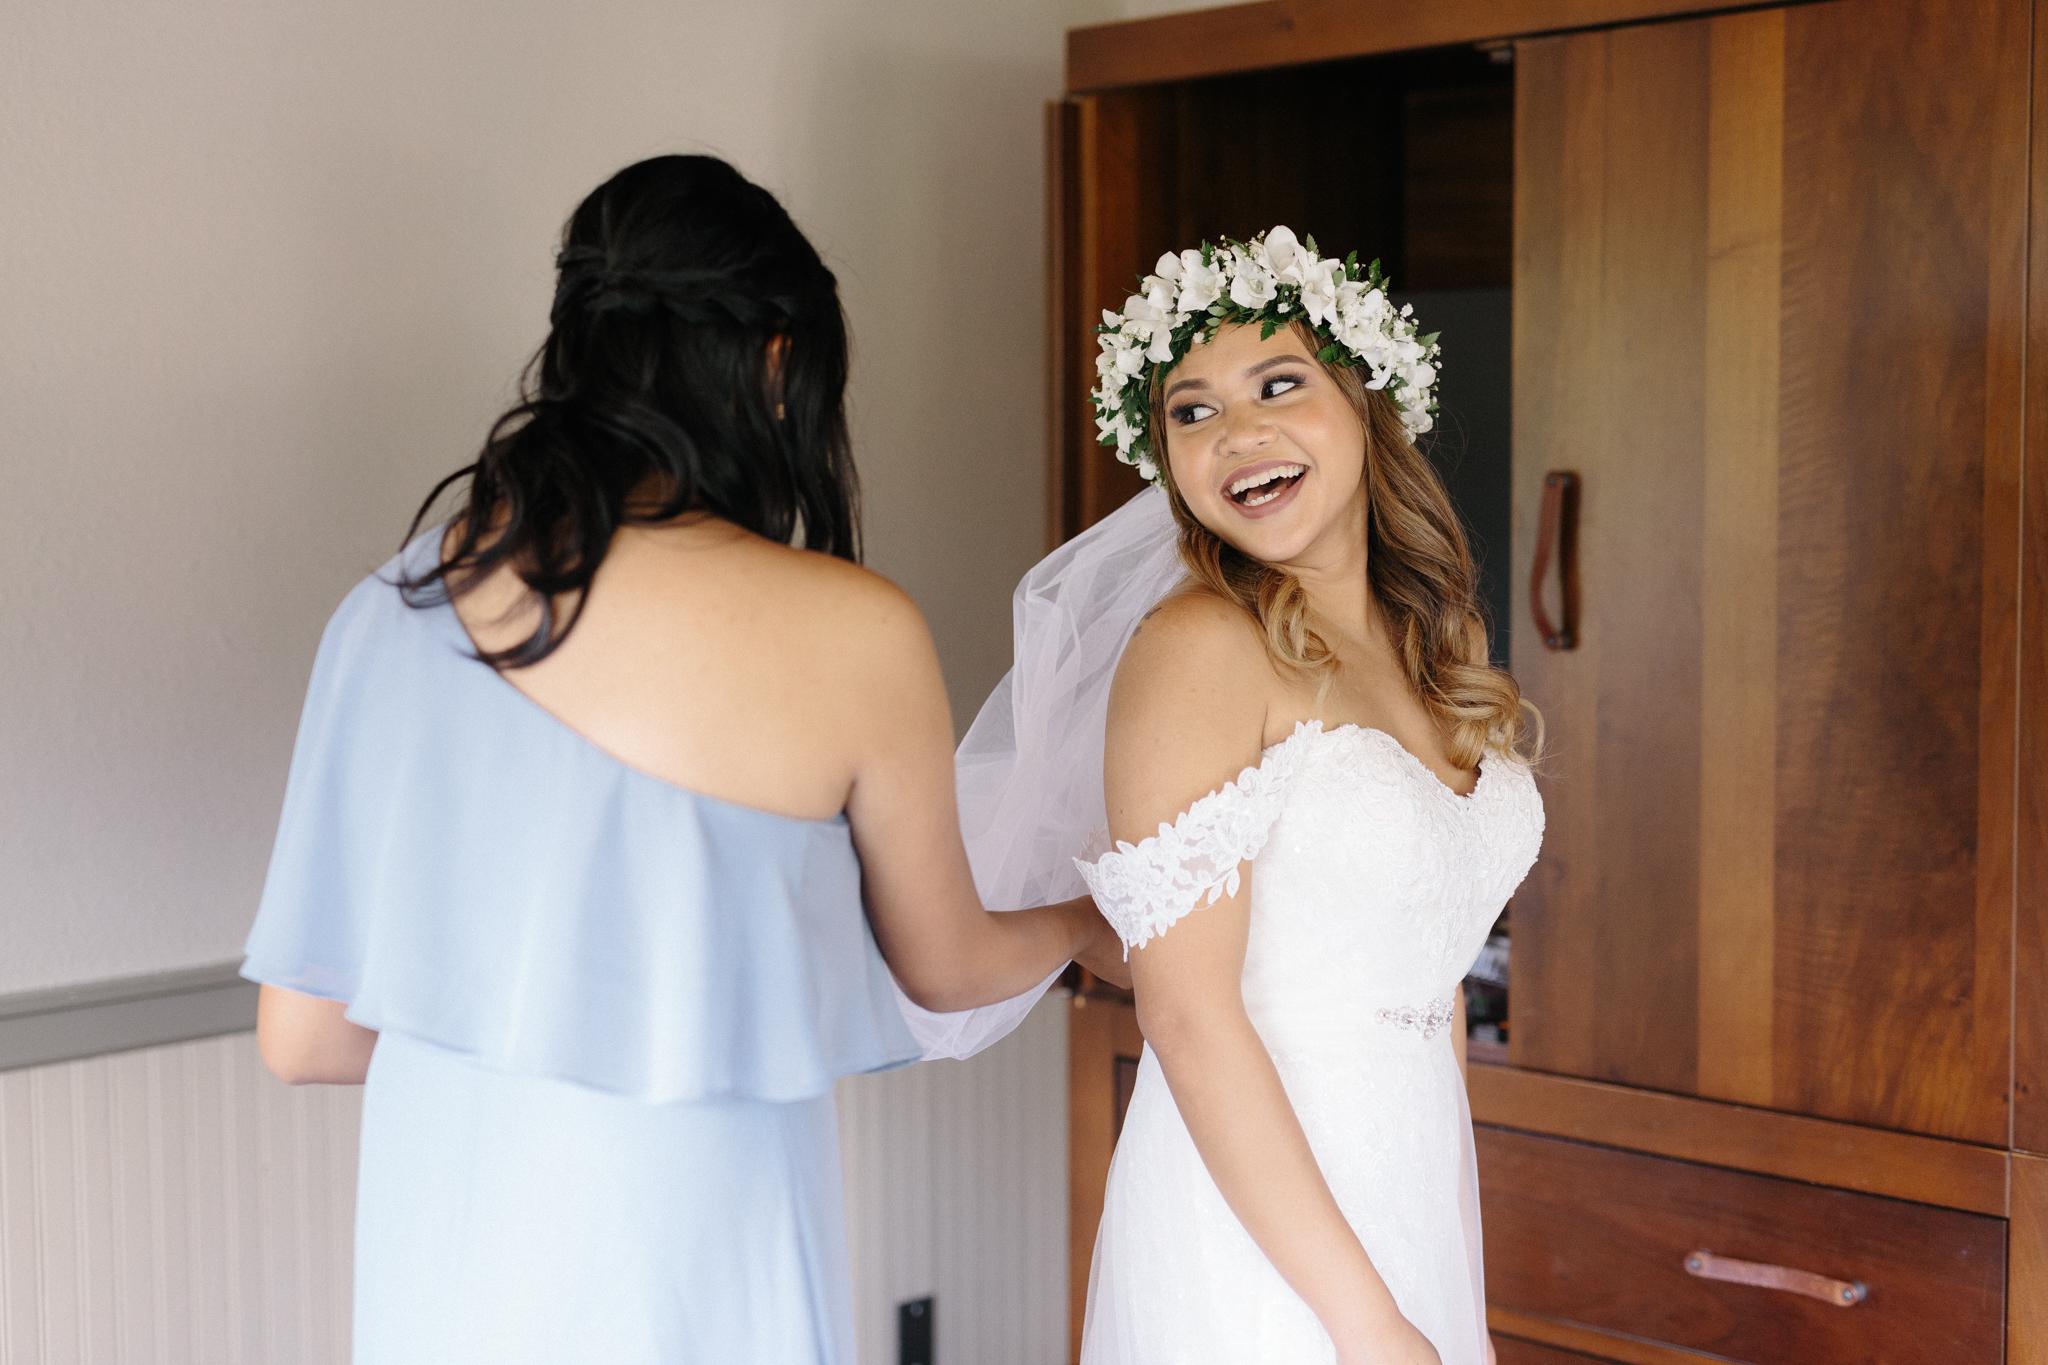 kualoa_ranch_wedding_photography_tone_hawaii-34.jpg